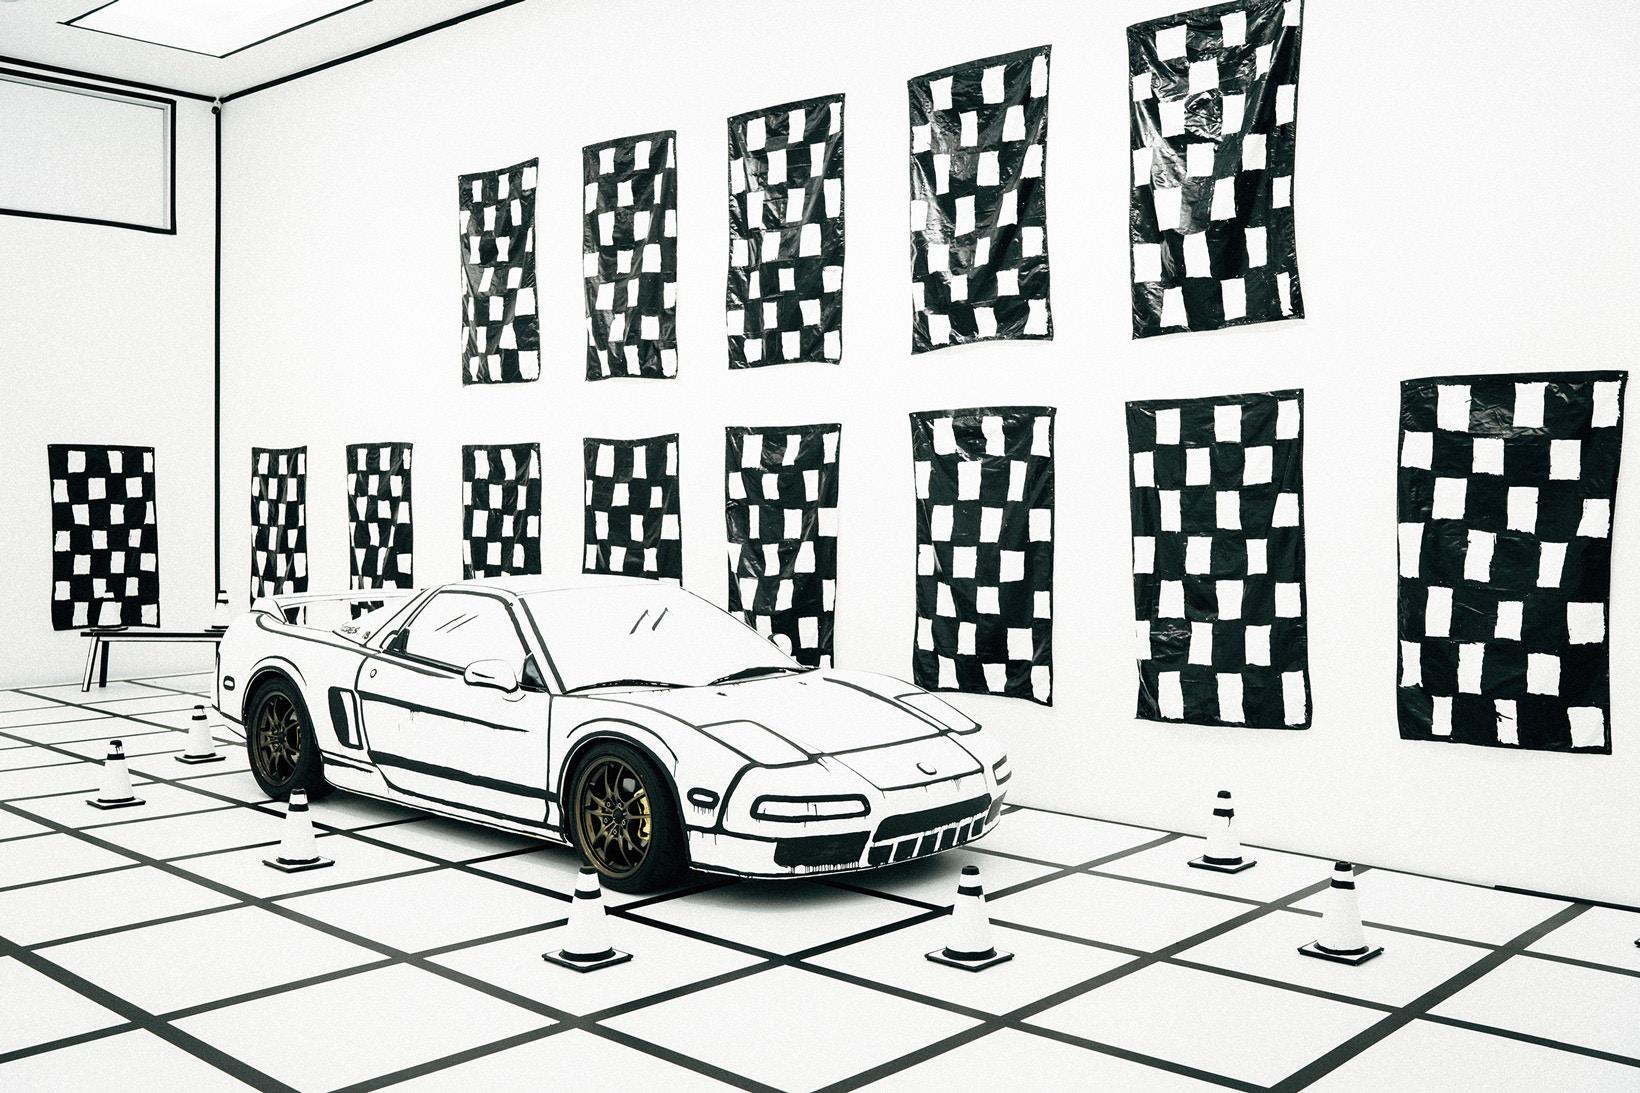 L'Acura NSX de Joshua Vides à l'exposition Reality to Idea